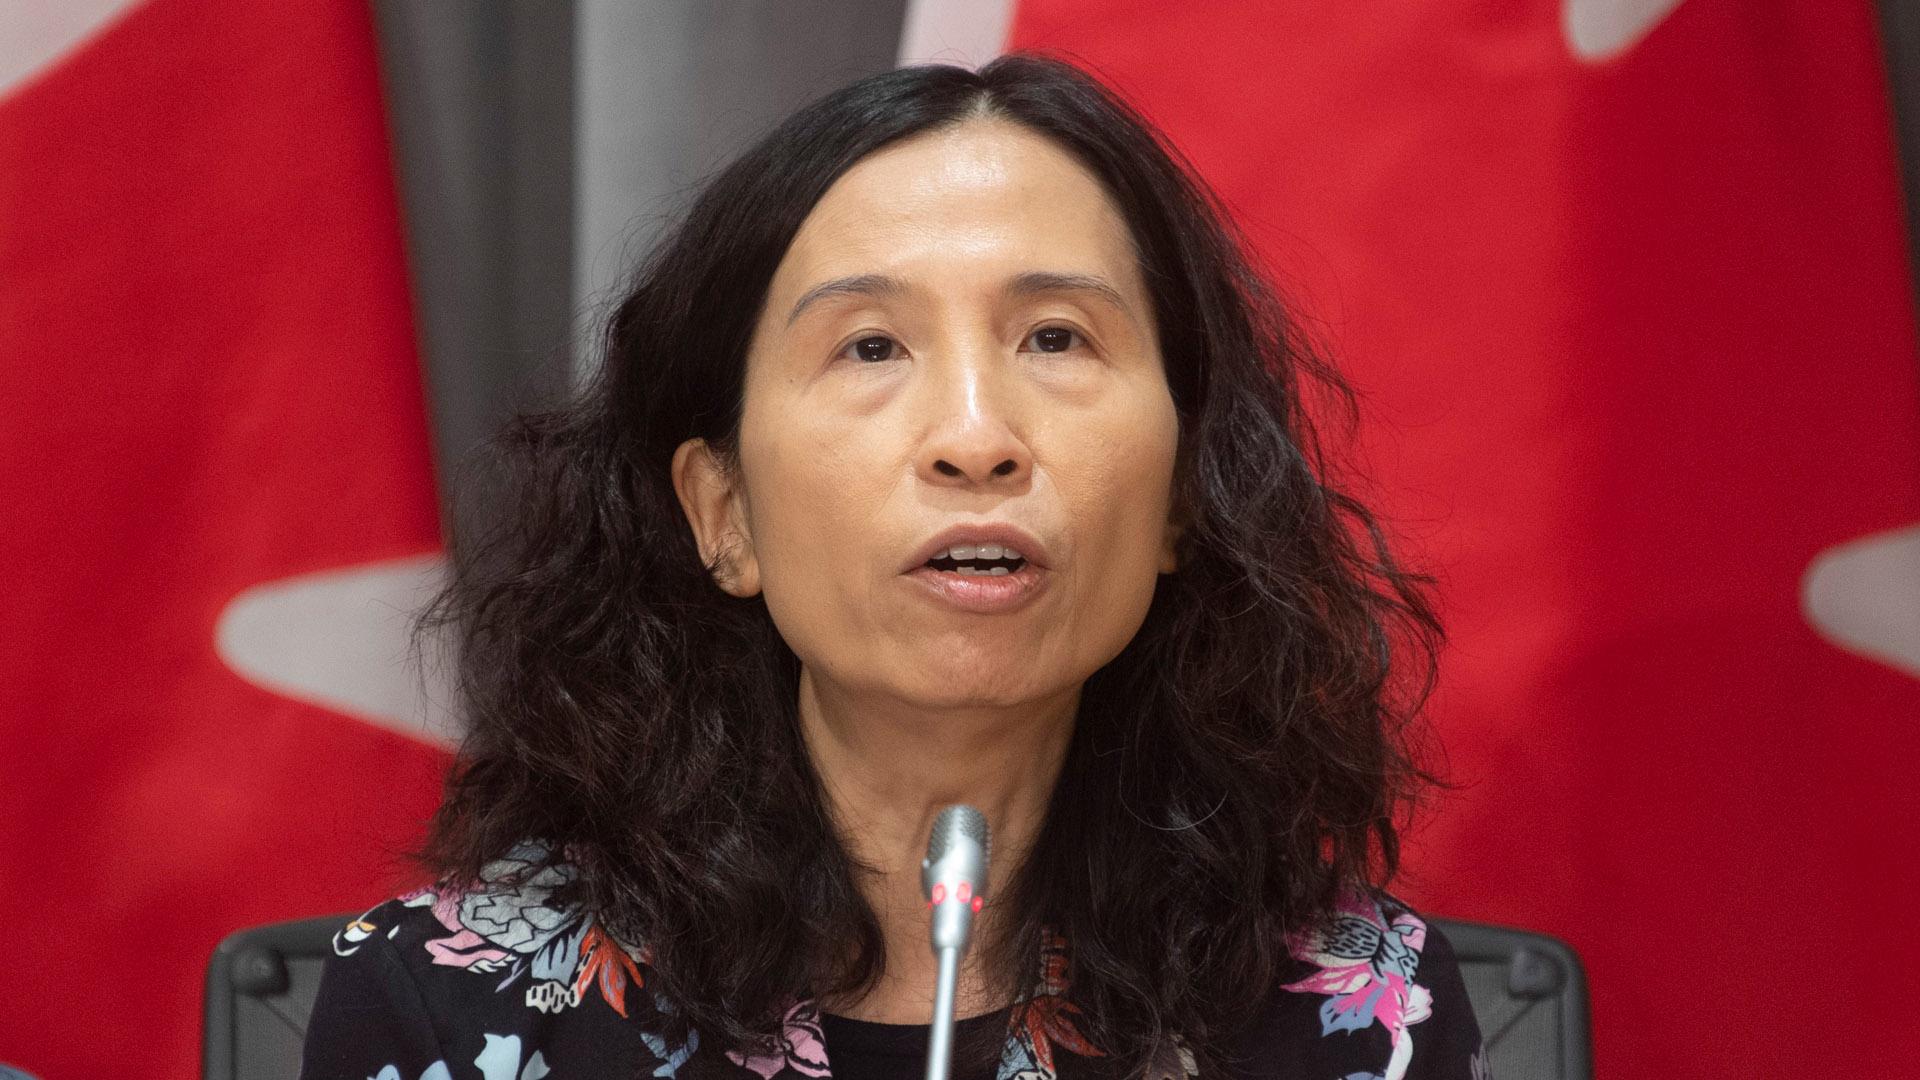 No data suggesting vaccine passports work, says Theresa Tam